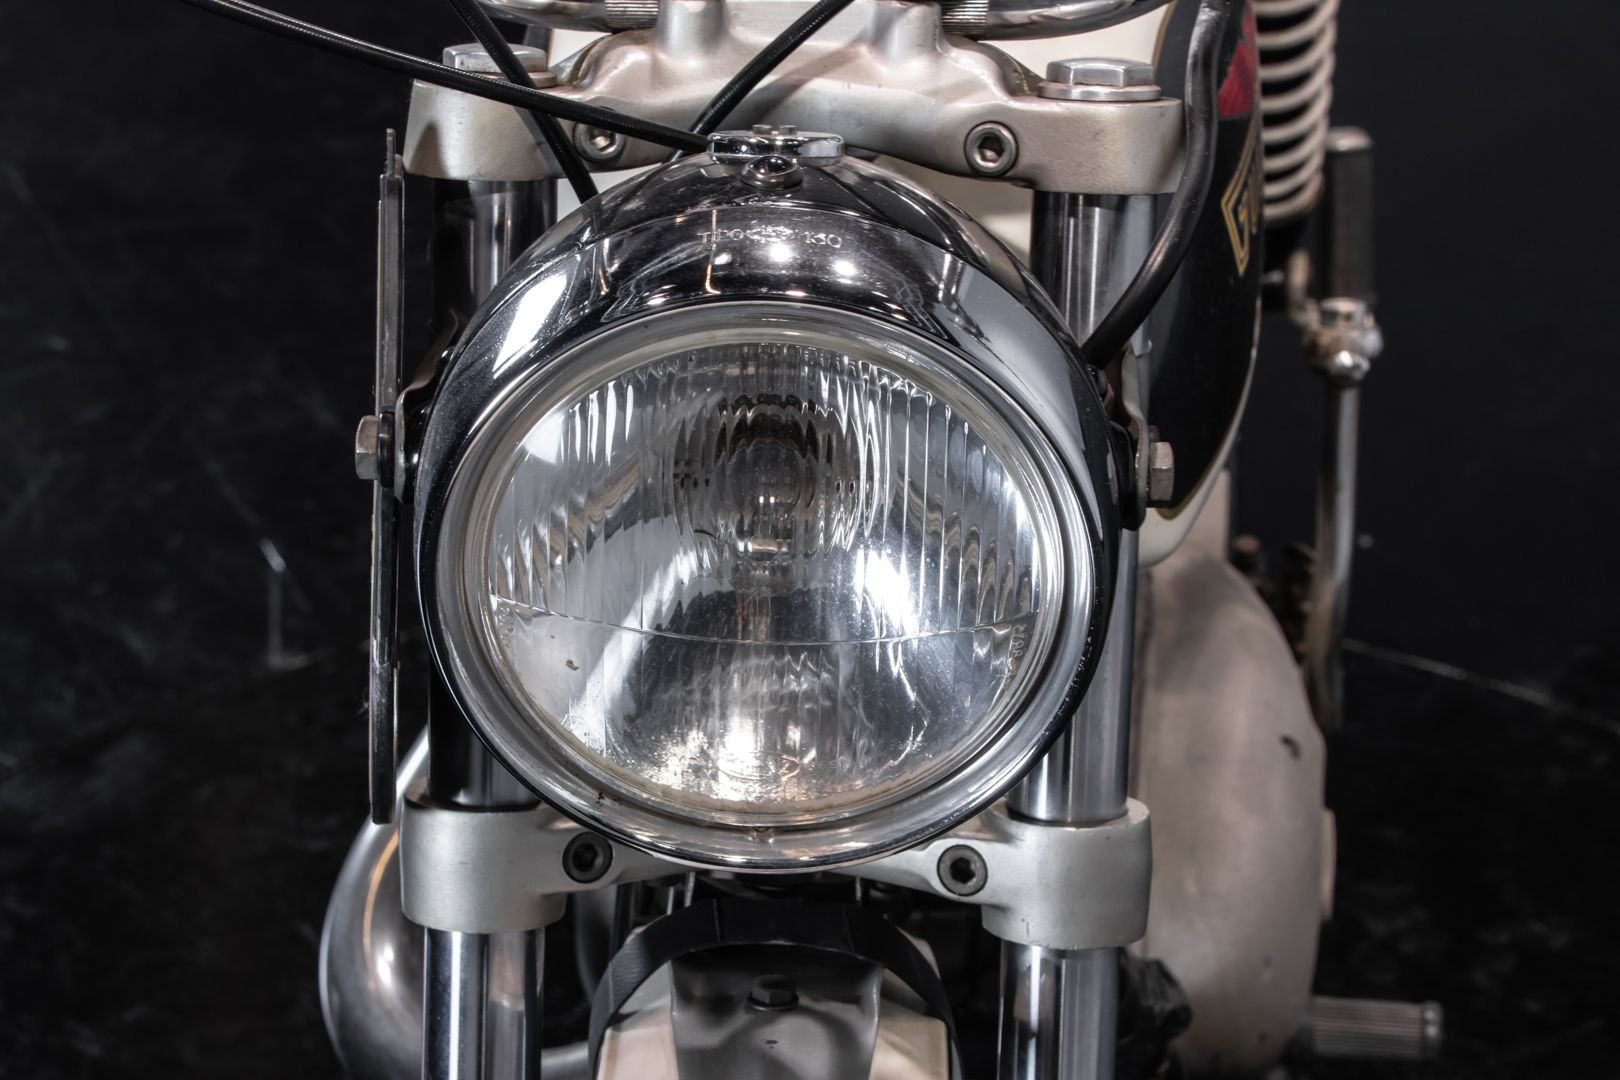 1973 Guazzoni Moderly 71898